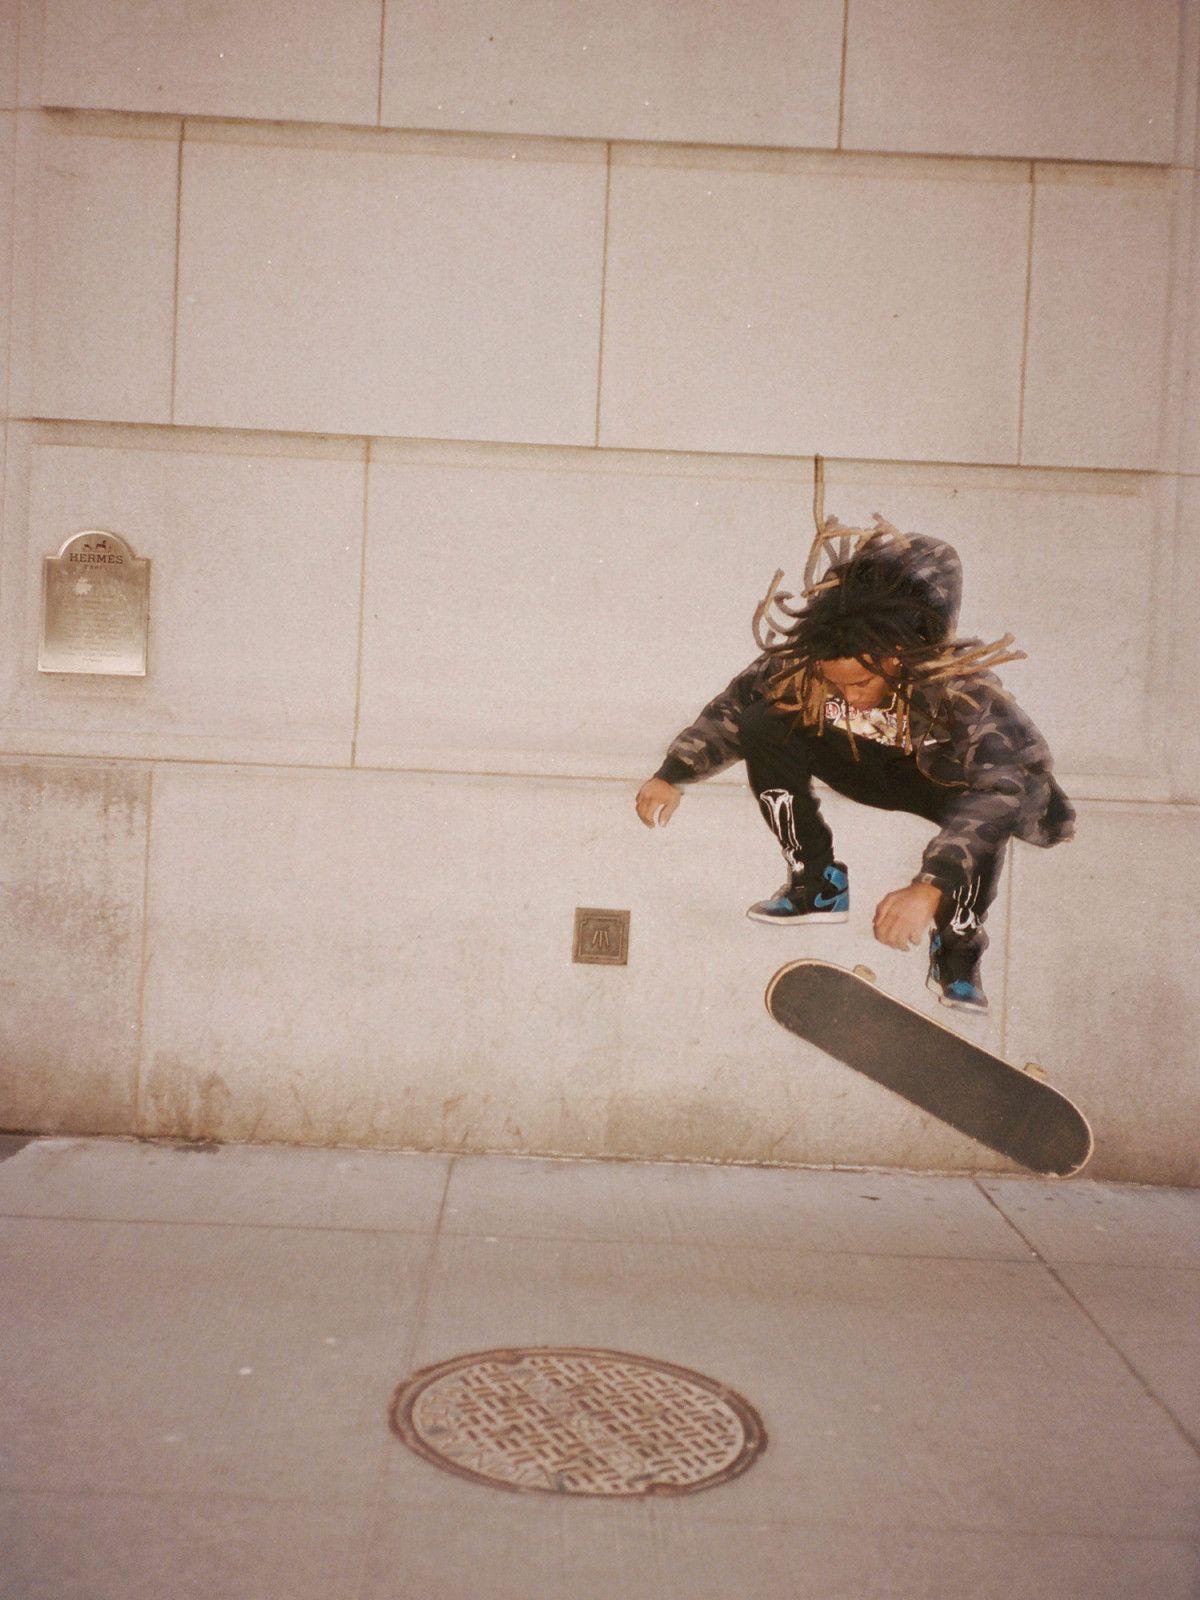 Meet Lil Gnar The Skateboarding Fashion Designer Turned Rapper Skate And Destroy Skateboard Fashion Rapper